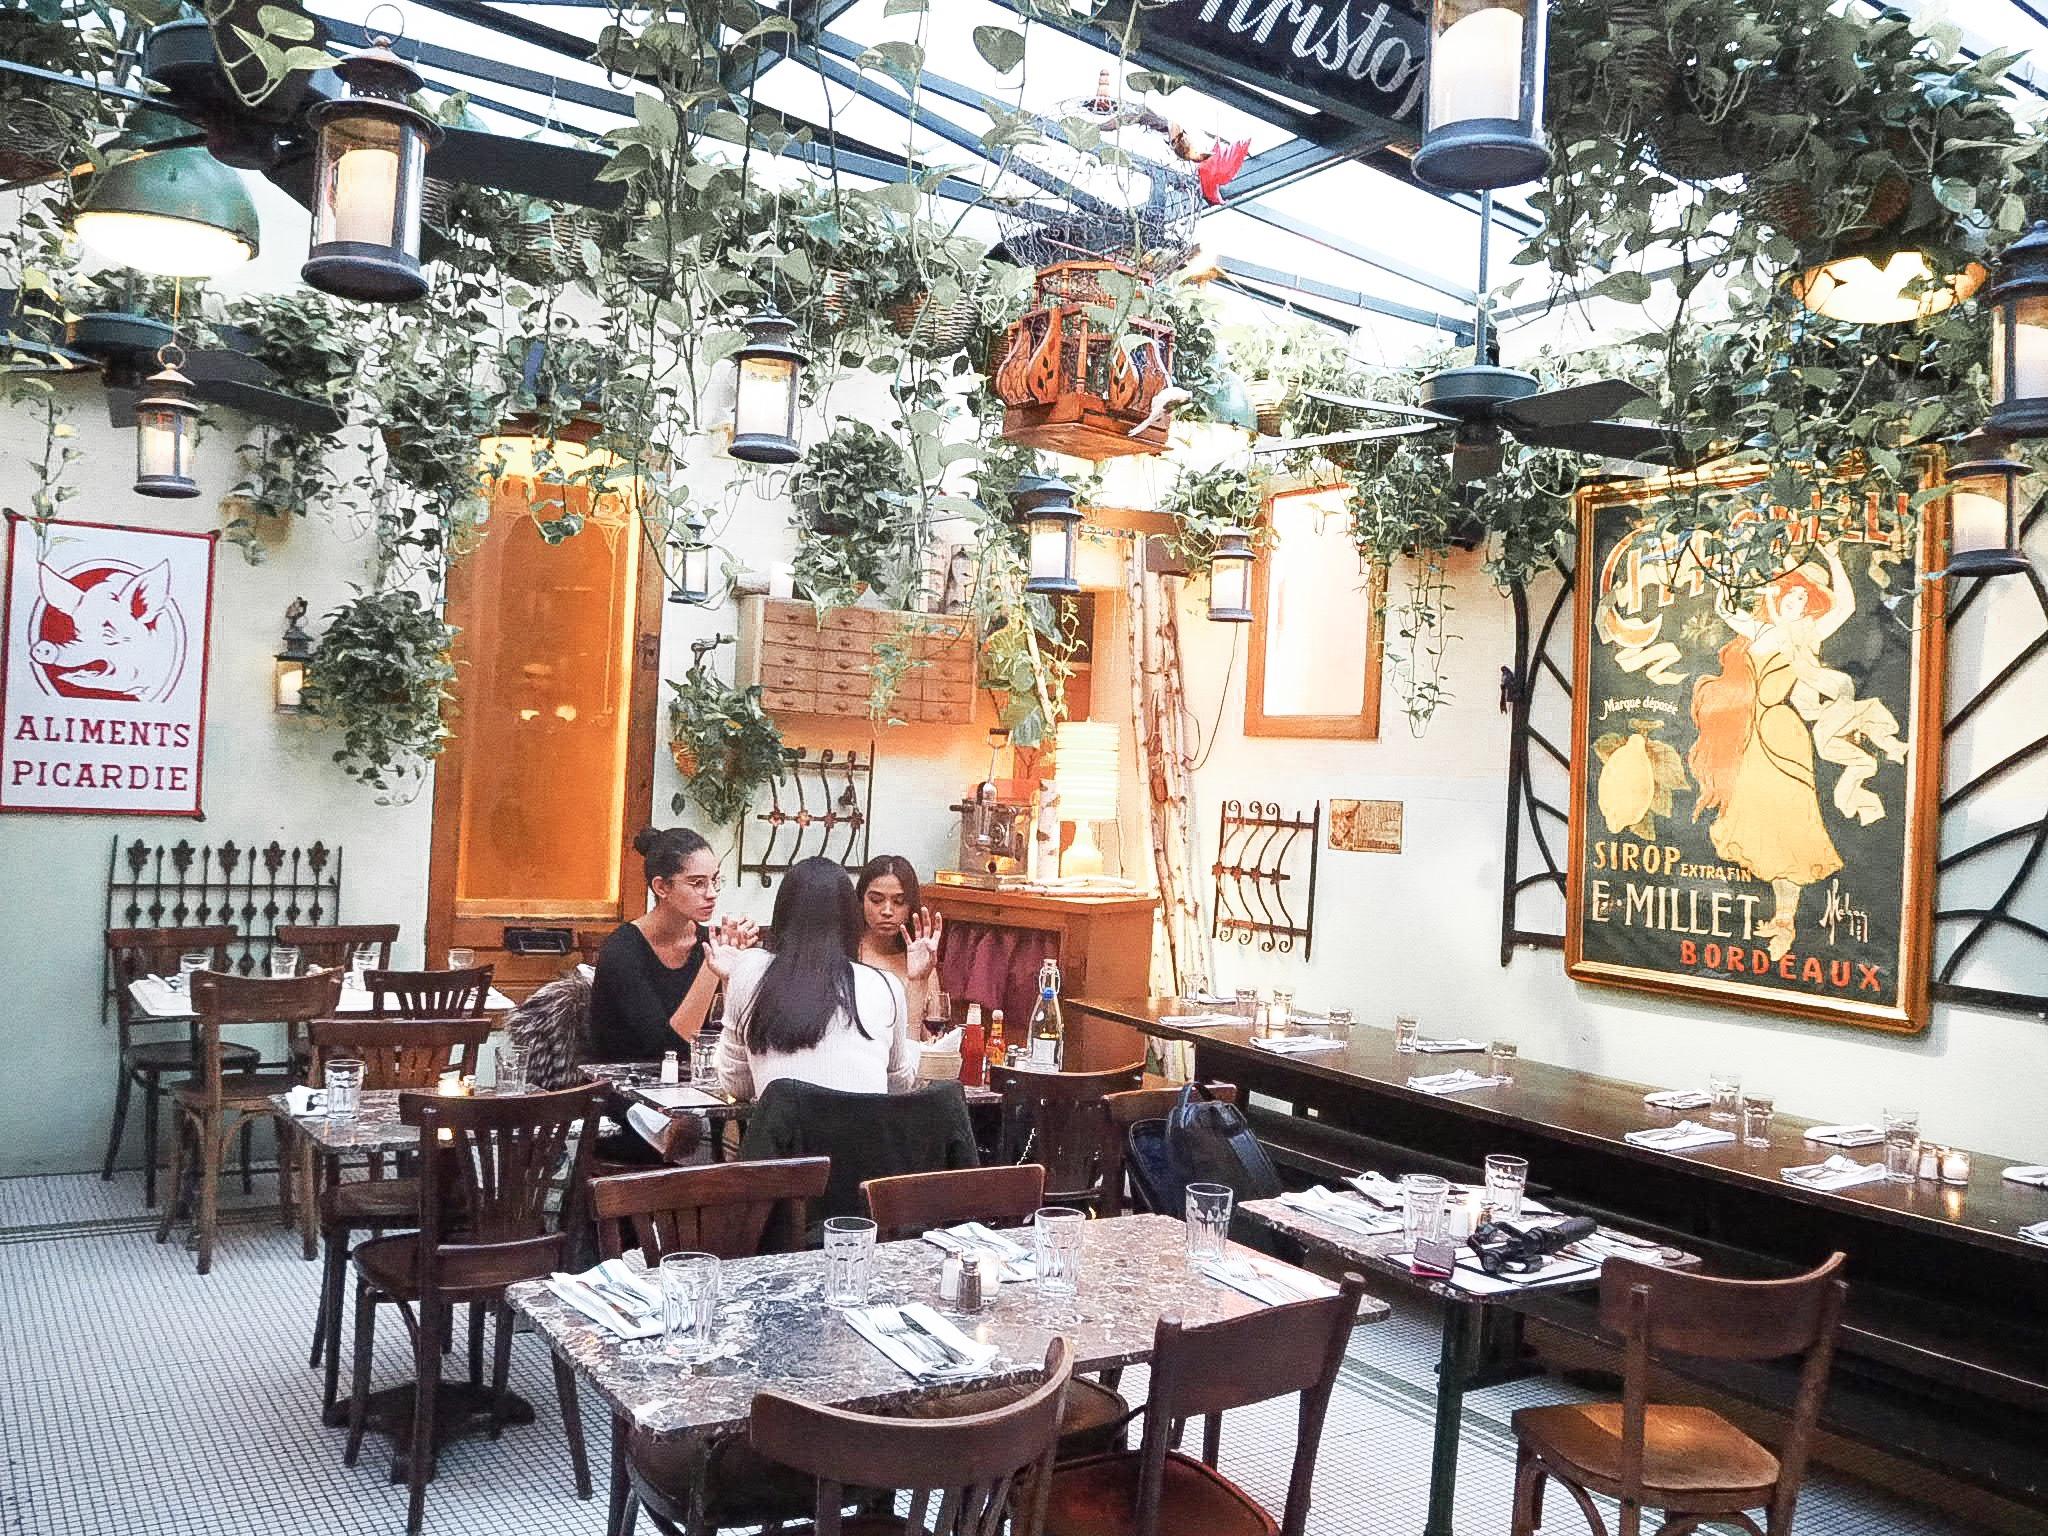 img 9135 - Juliette - NYブルックリンの一角 インドアガーデンの中で楽しむフレンチビストロ